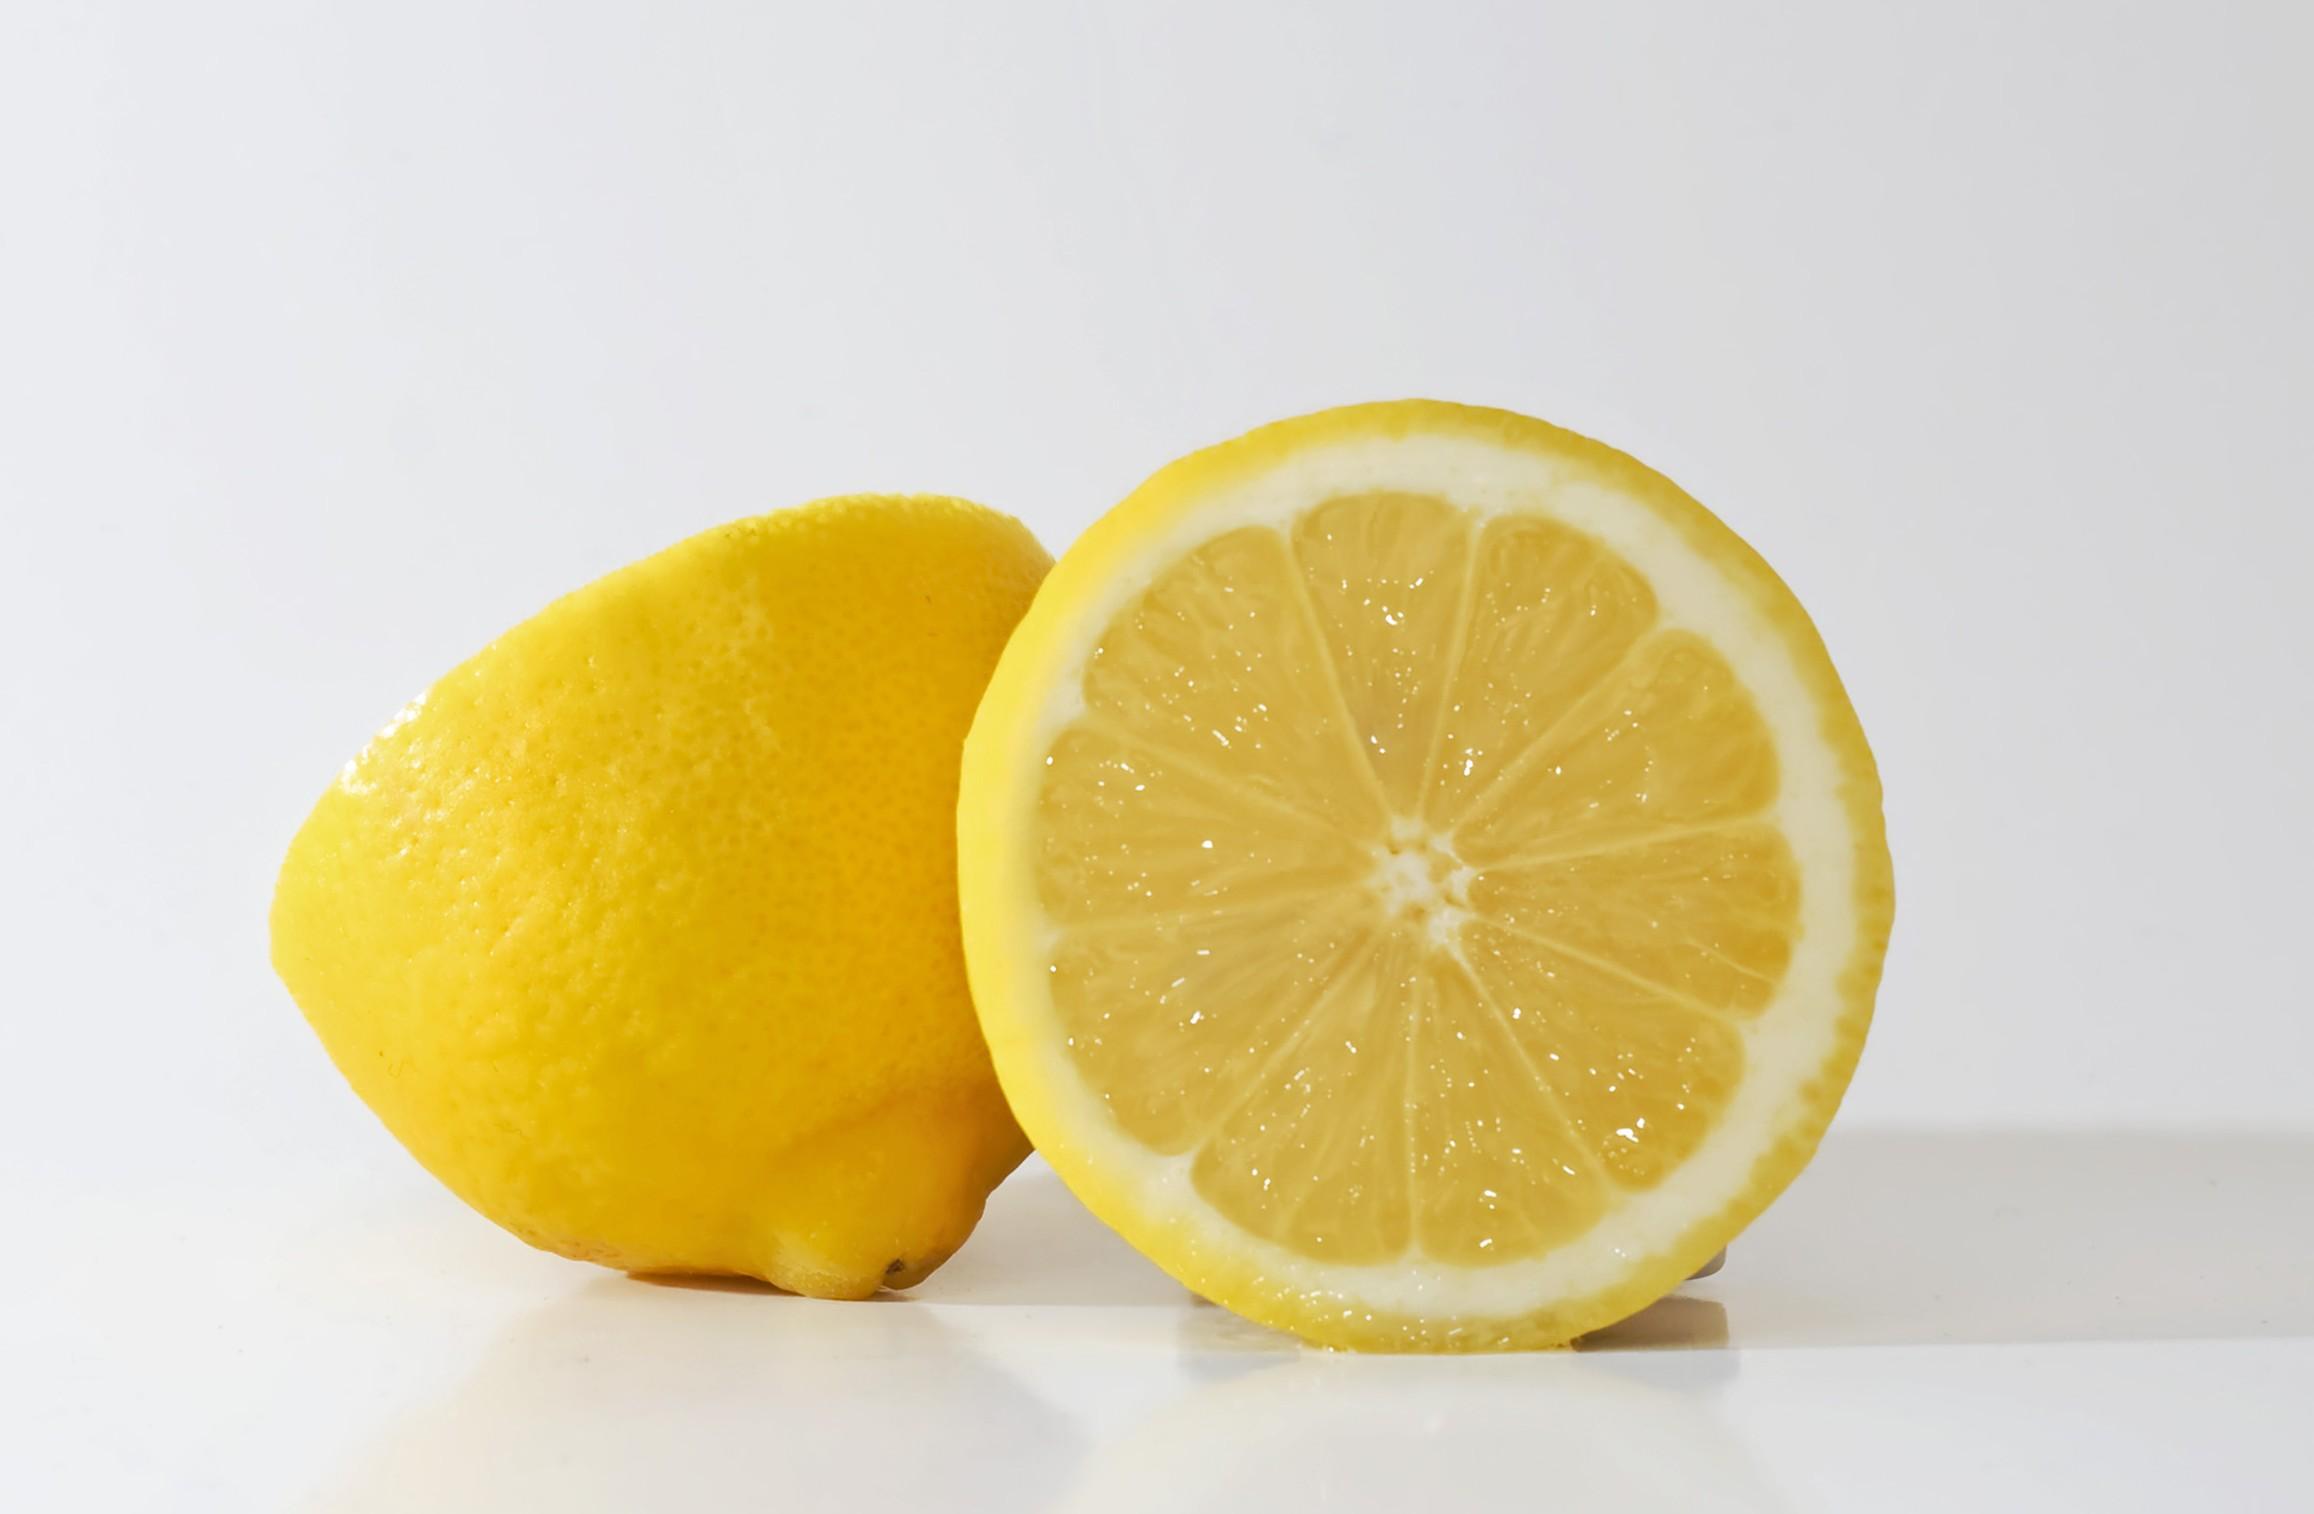 Half lemon pictures